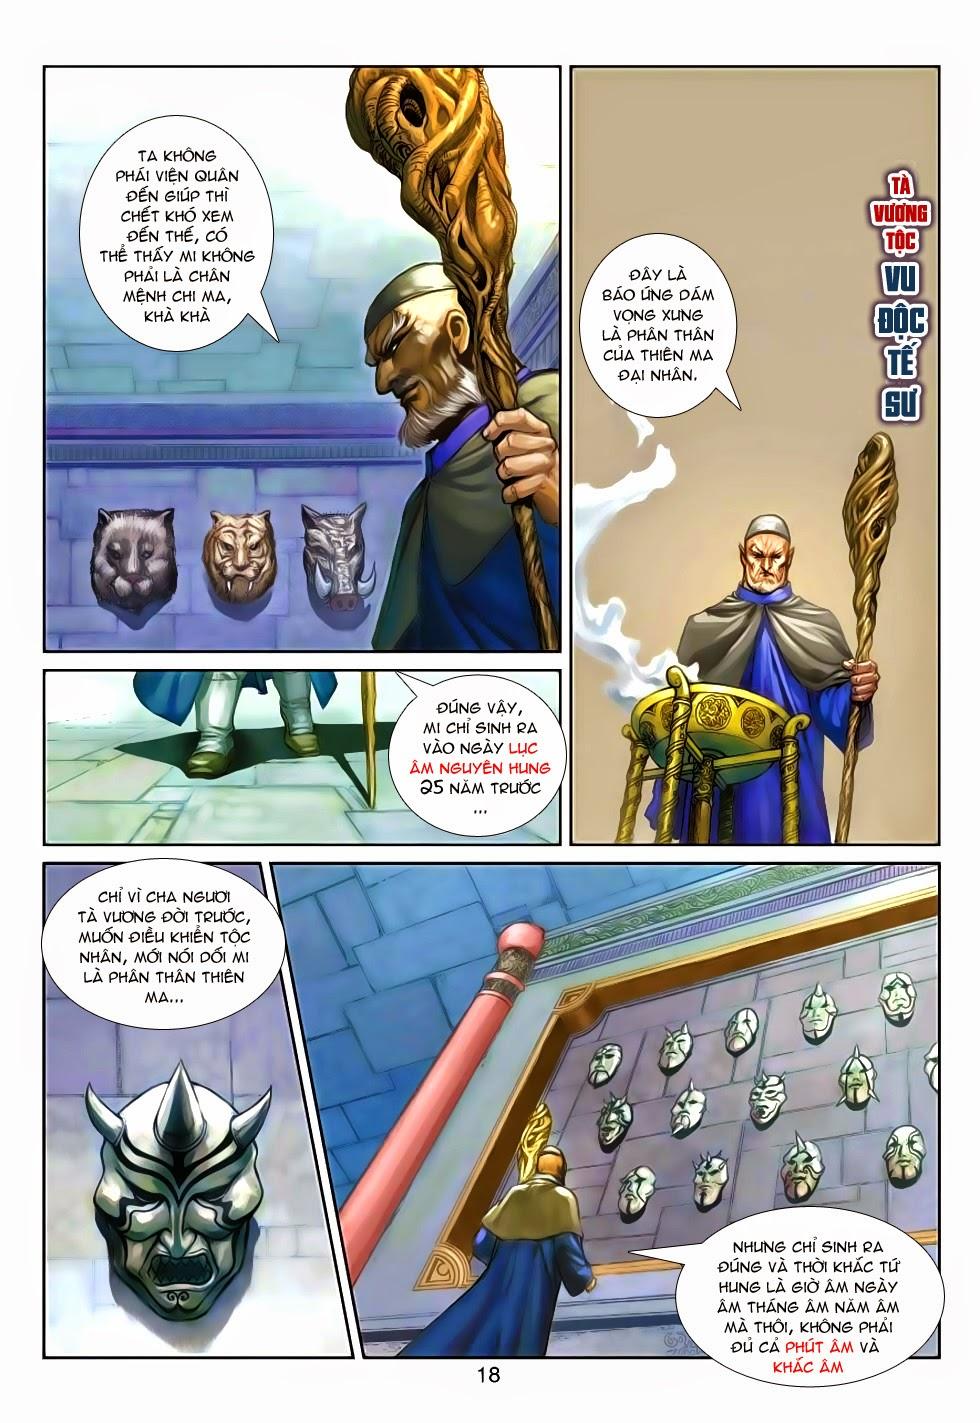 Thần Binh Tiền Truyện 4 - Huyền Thiên Tà Đế chap 5 - Trang 18